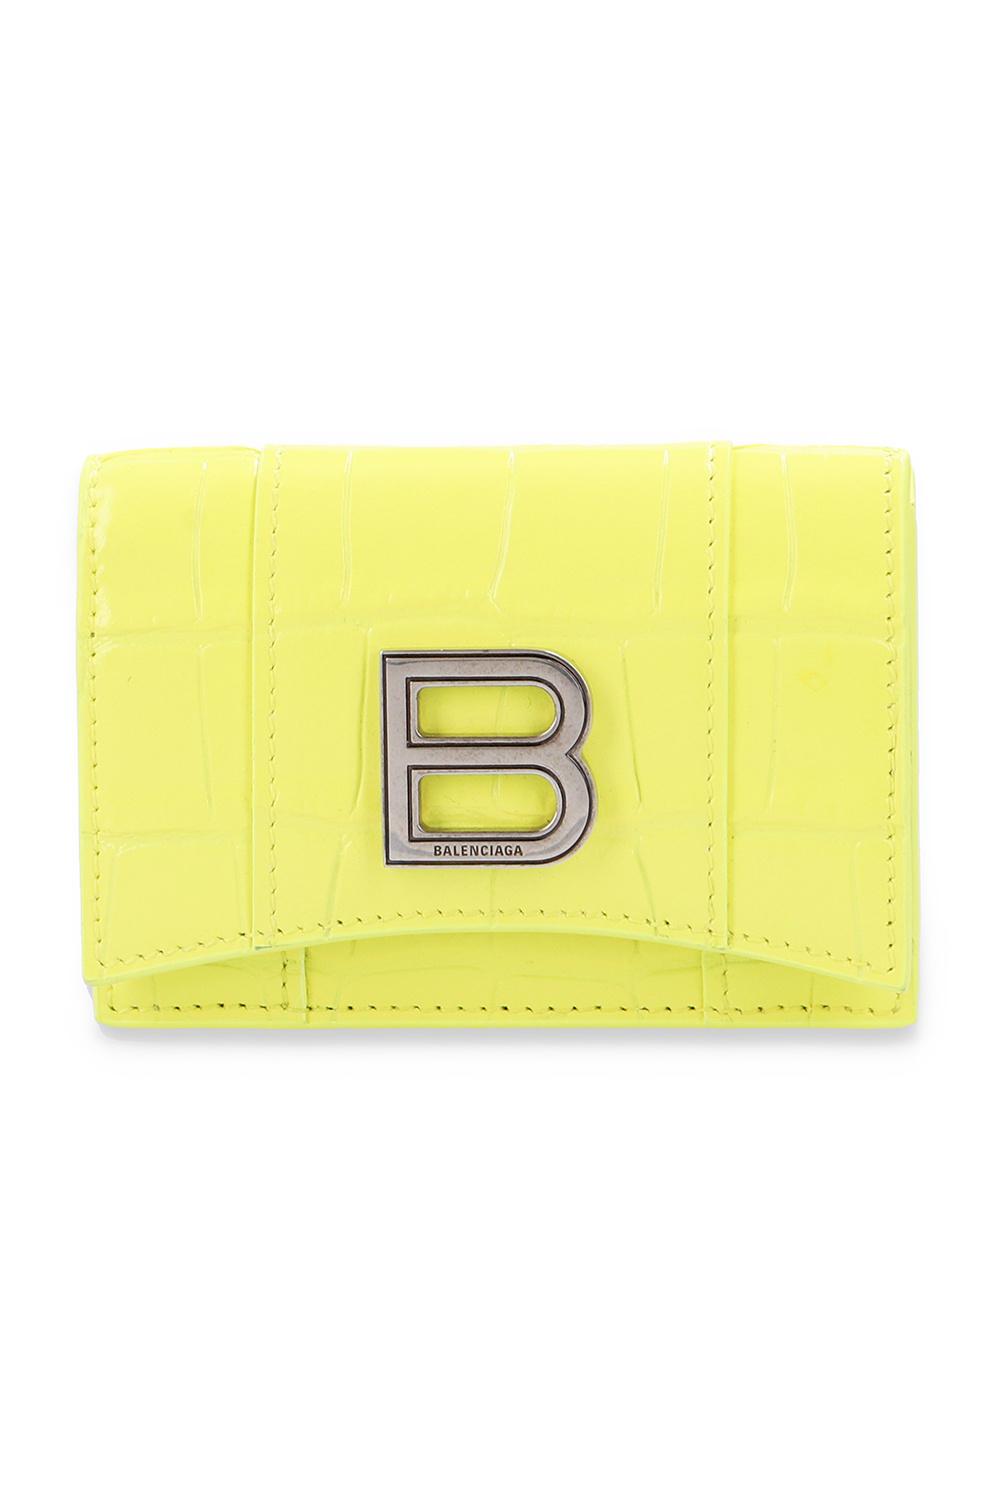 Balenciaga 品牌钱包